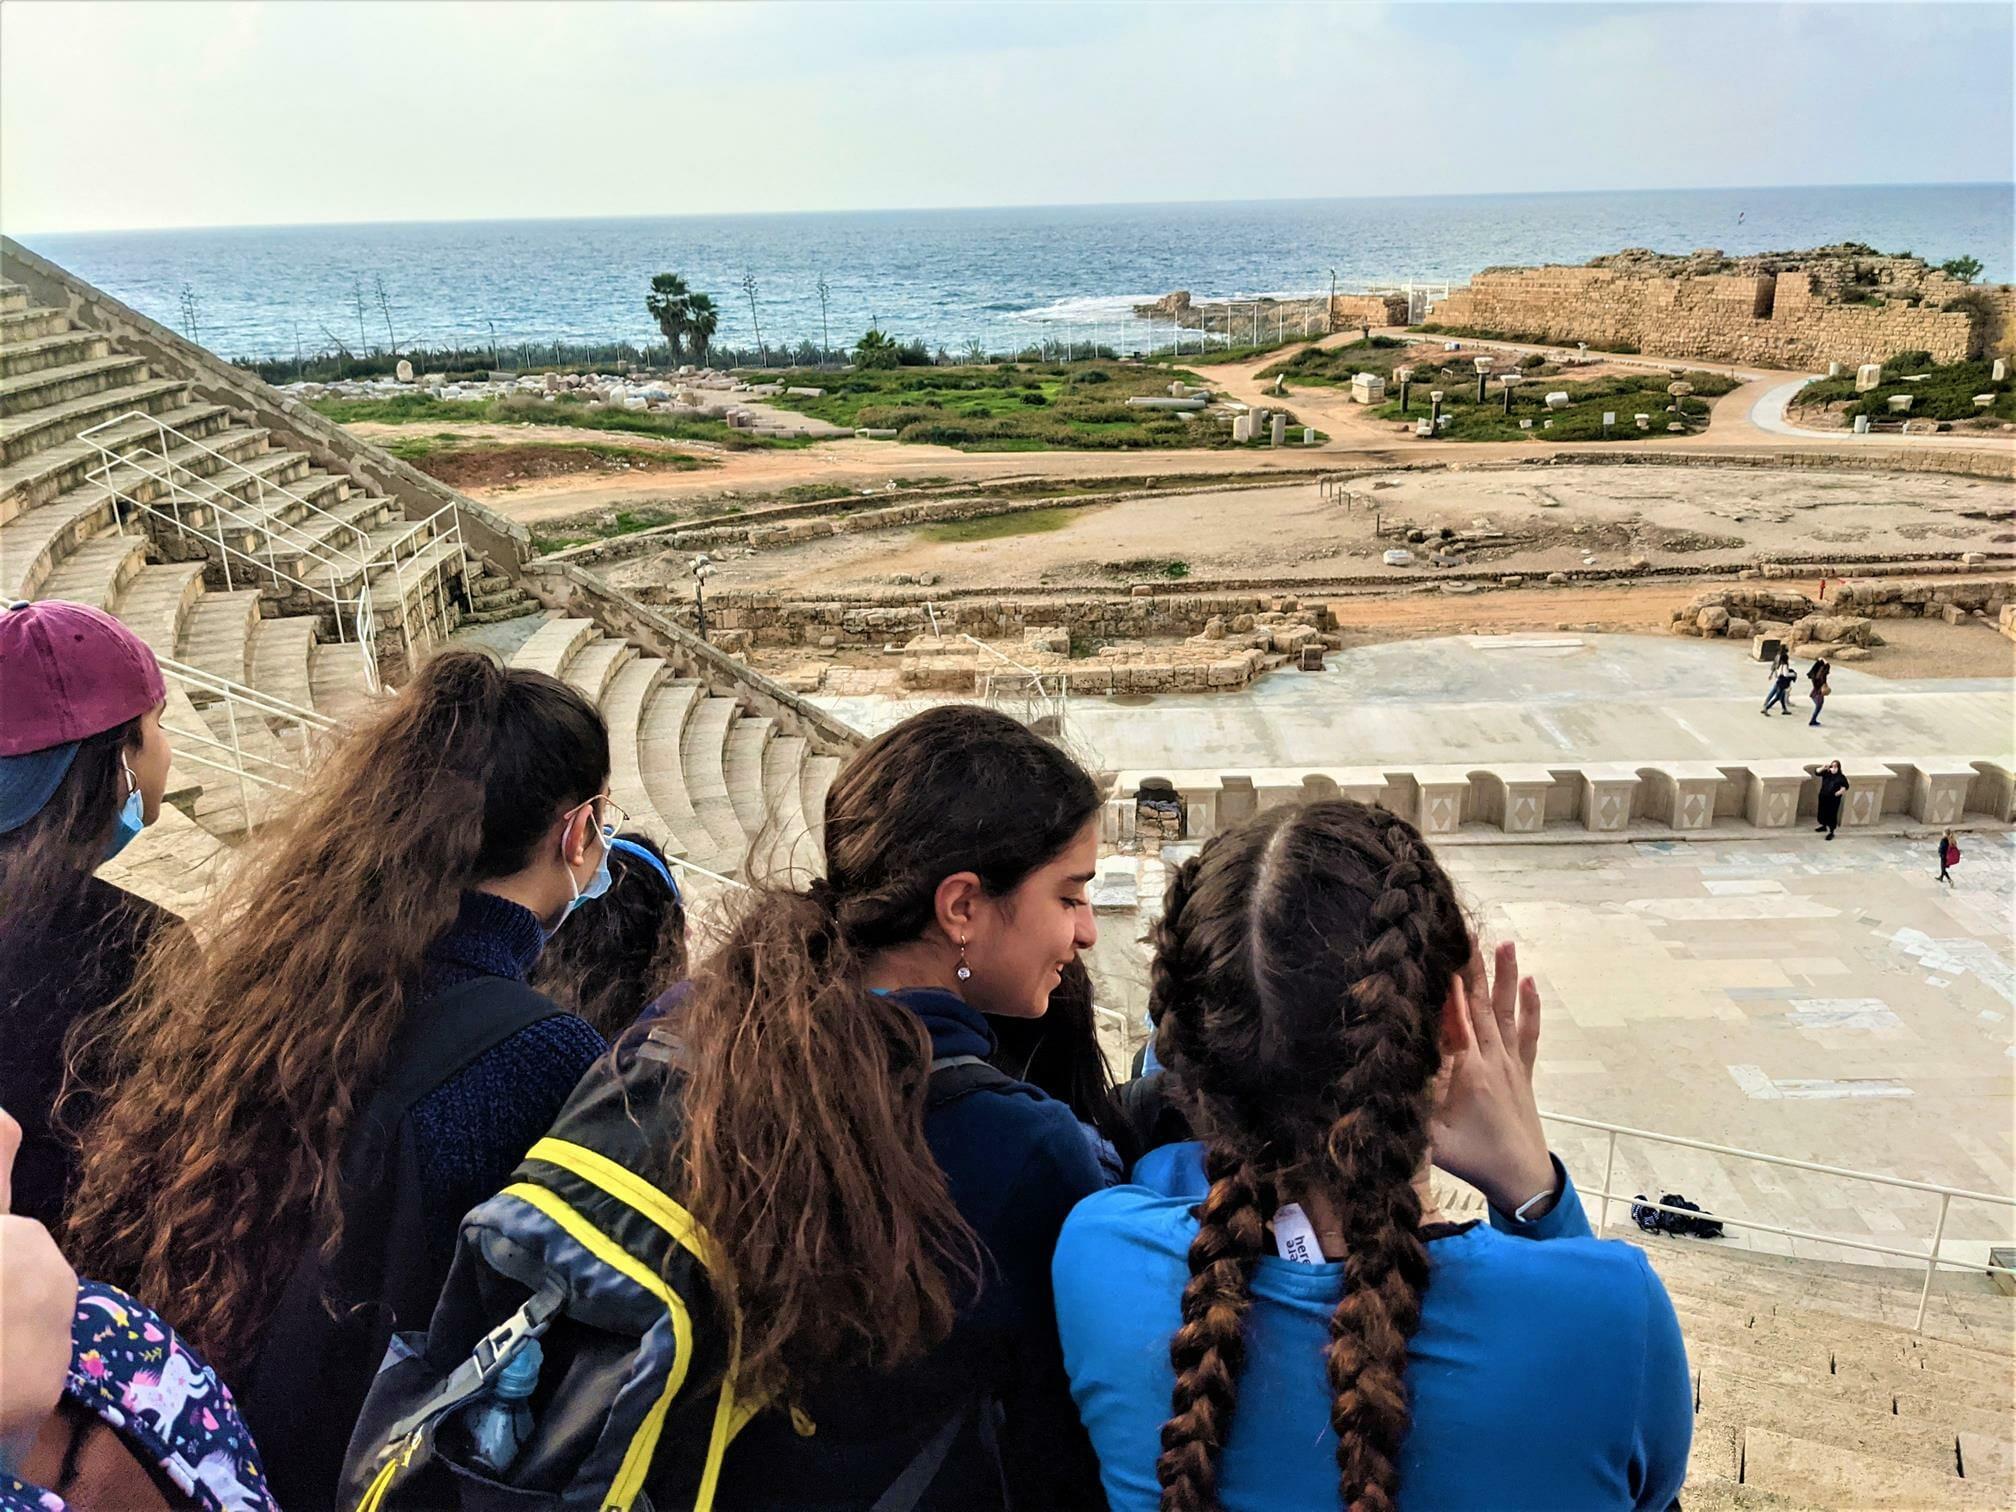 """התיאטרון הרומי - טיול חורף לתלמידות דתיות מירושלים, קיסריה העתיקה ונחל חדרה, צילום: ד""""ר ענת אביטל"""